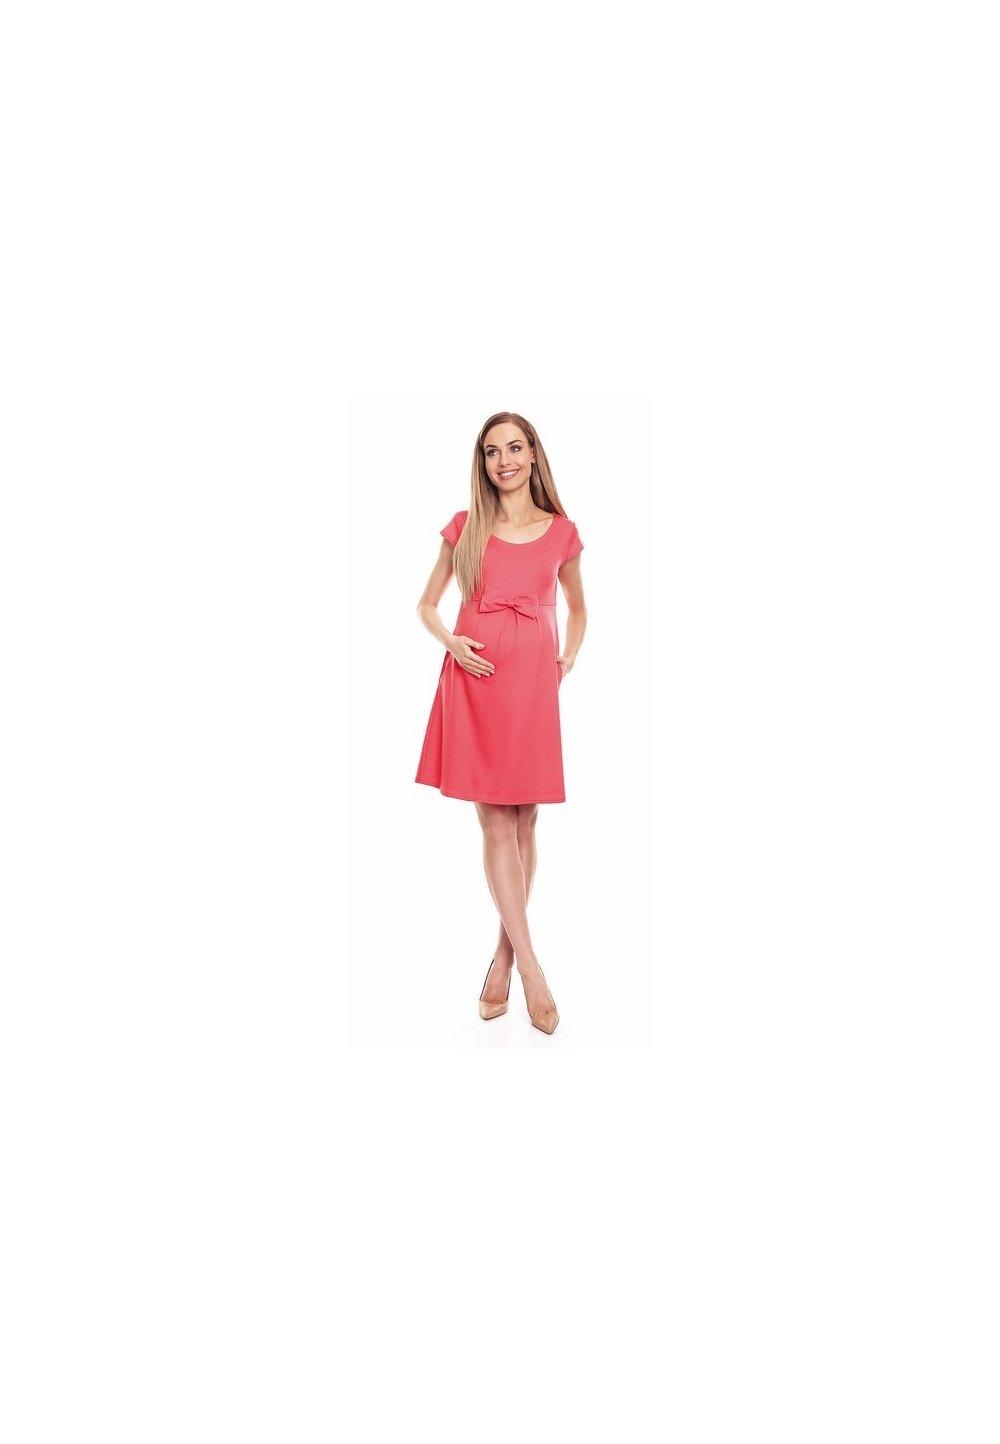 Rochie gravide, roz cu fundita imagine